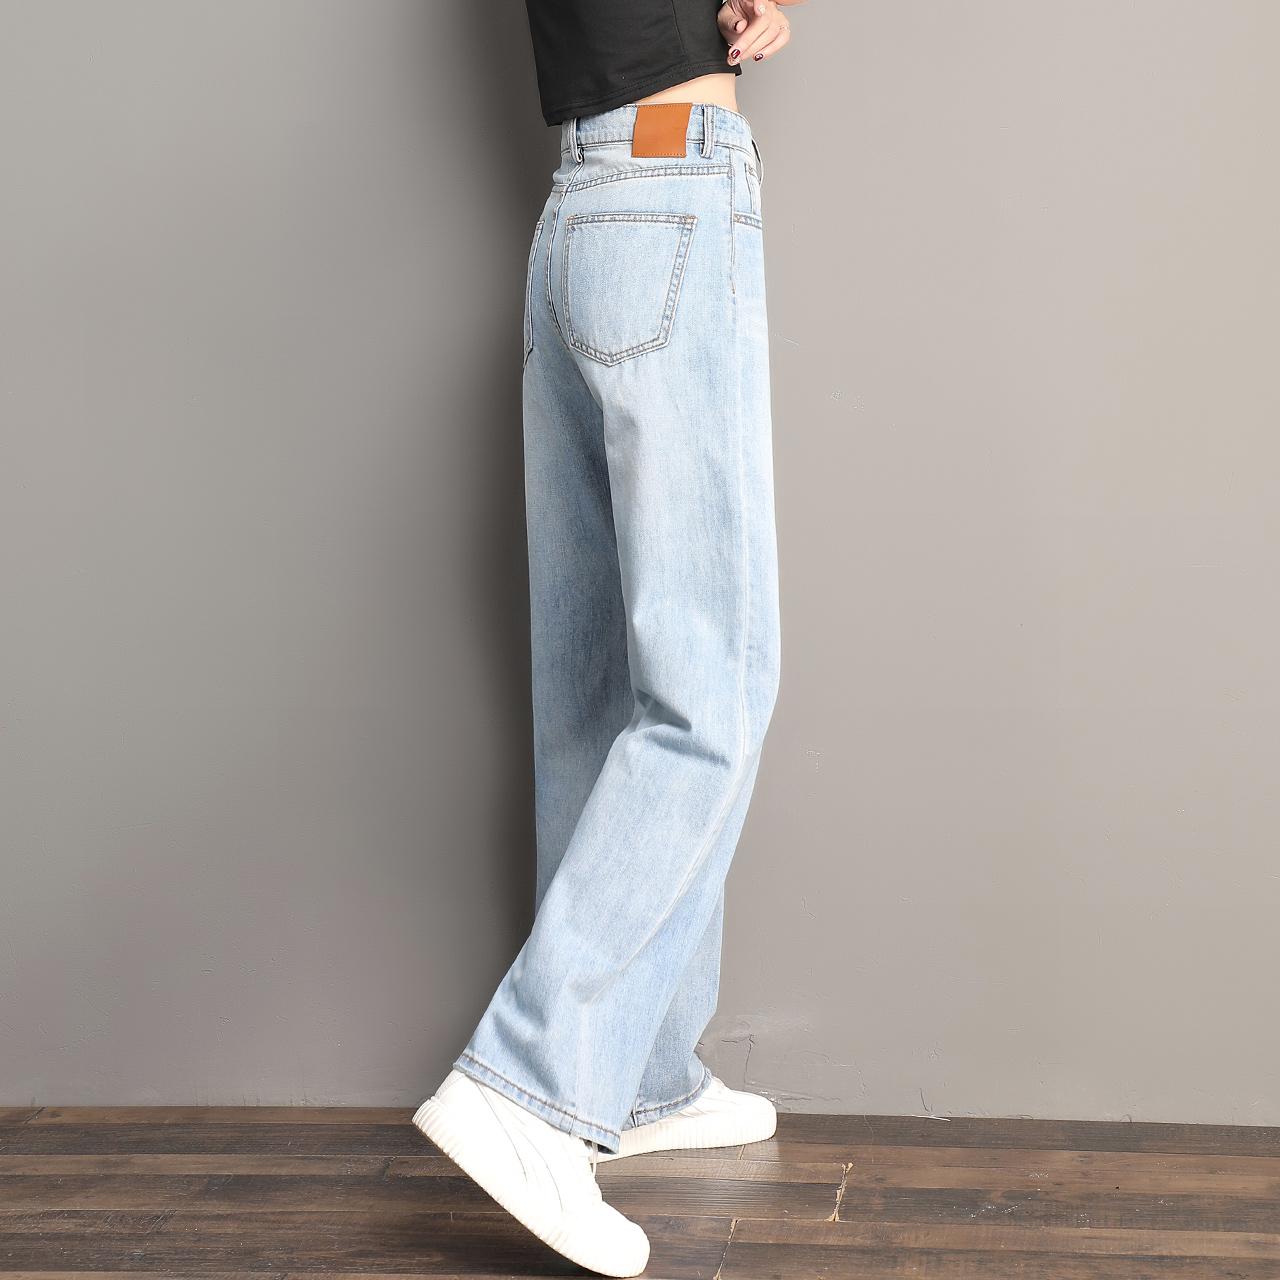 高腰女士牛仔裤女直筒宽松裤子2020新款显瘦垂感阔腿裤女春季长裤 thumbnail